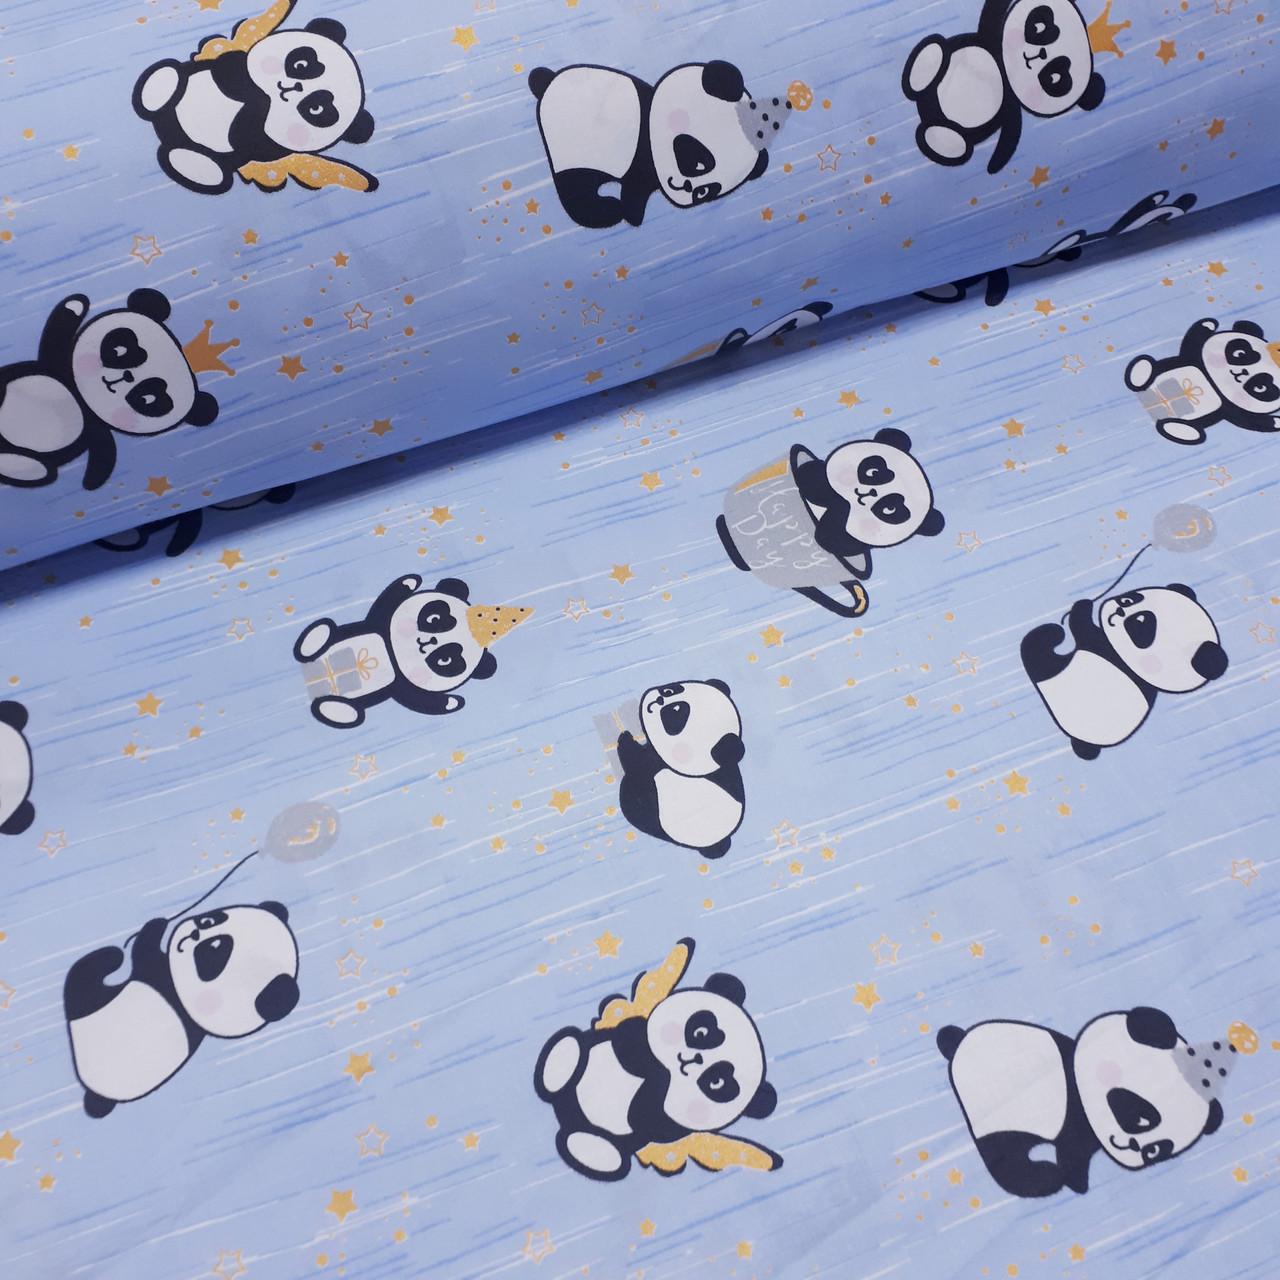 Ткань польская хлопковая, панды с золотом (глиттером) на голубом